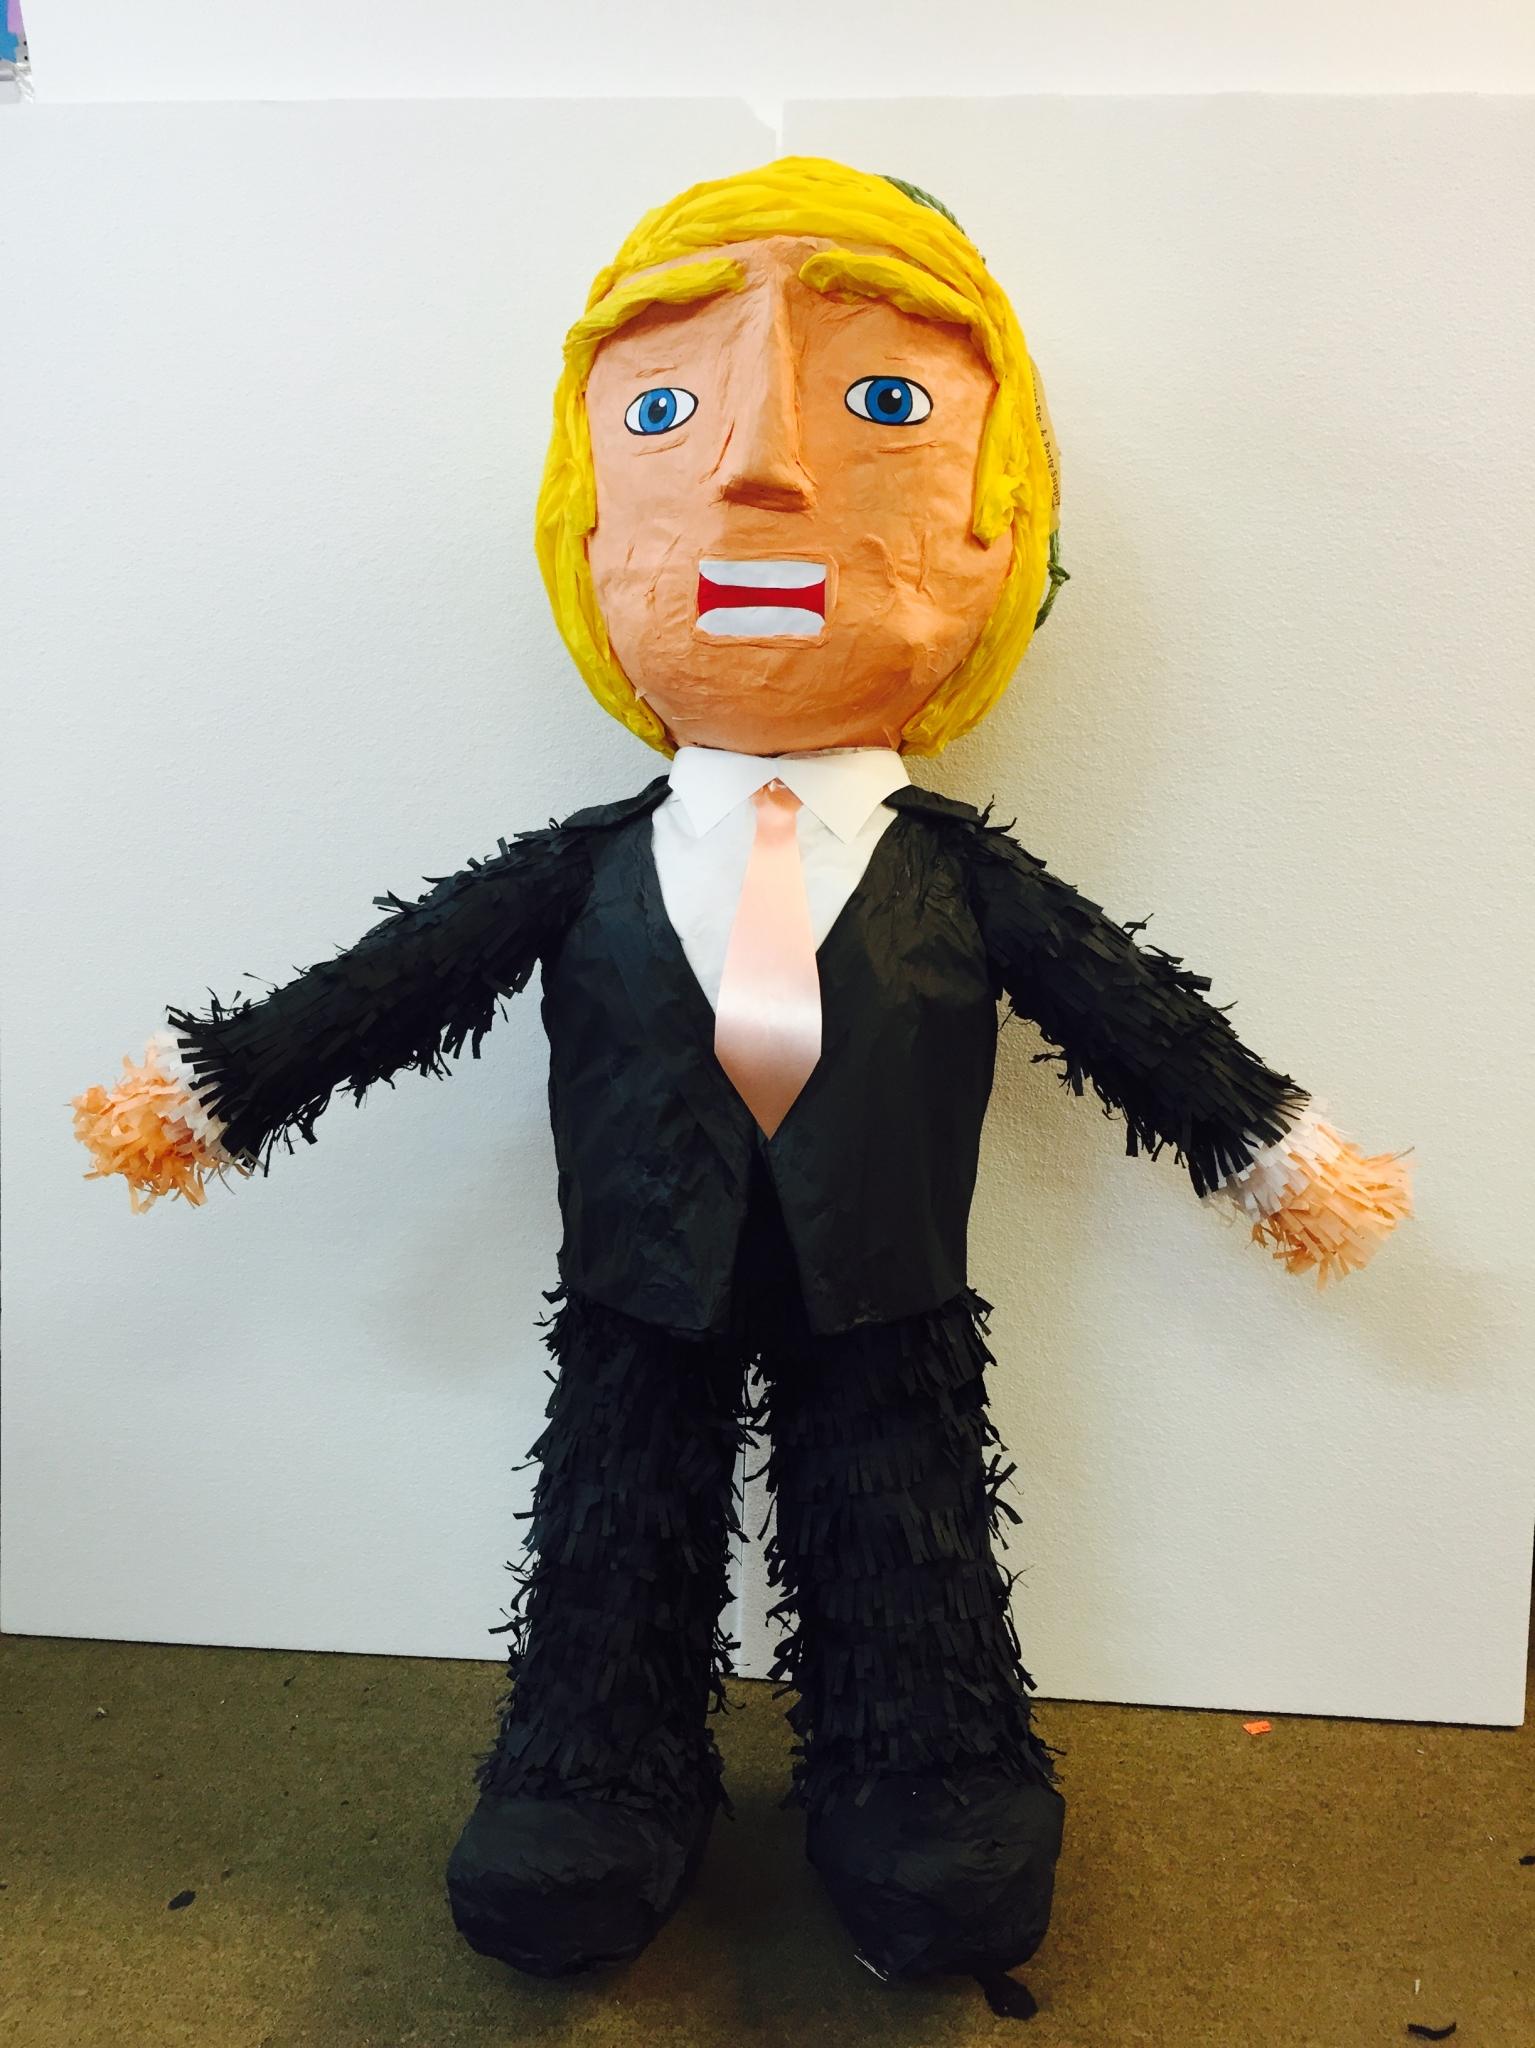 donald trump piñatas hit houston market houston chronicle